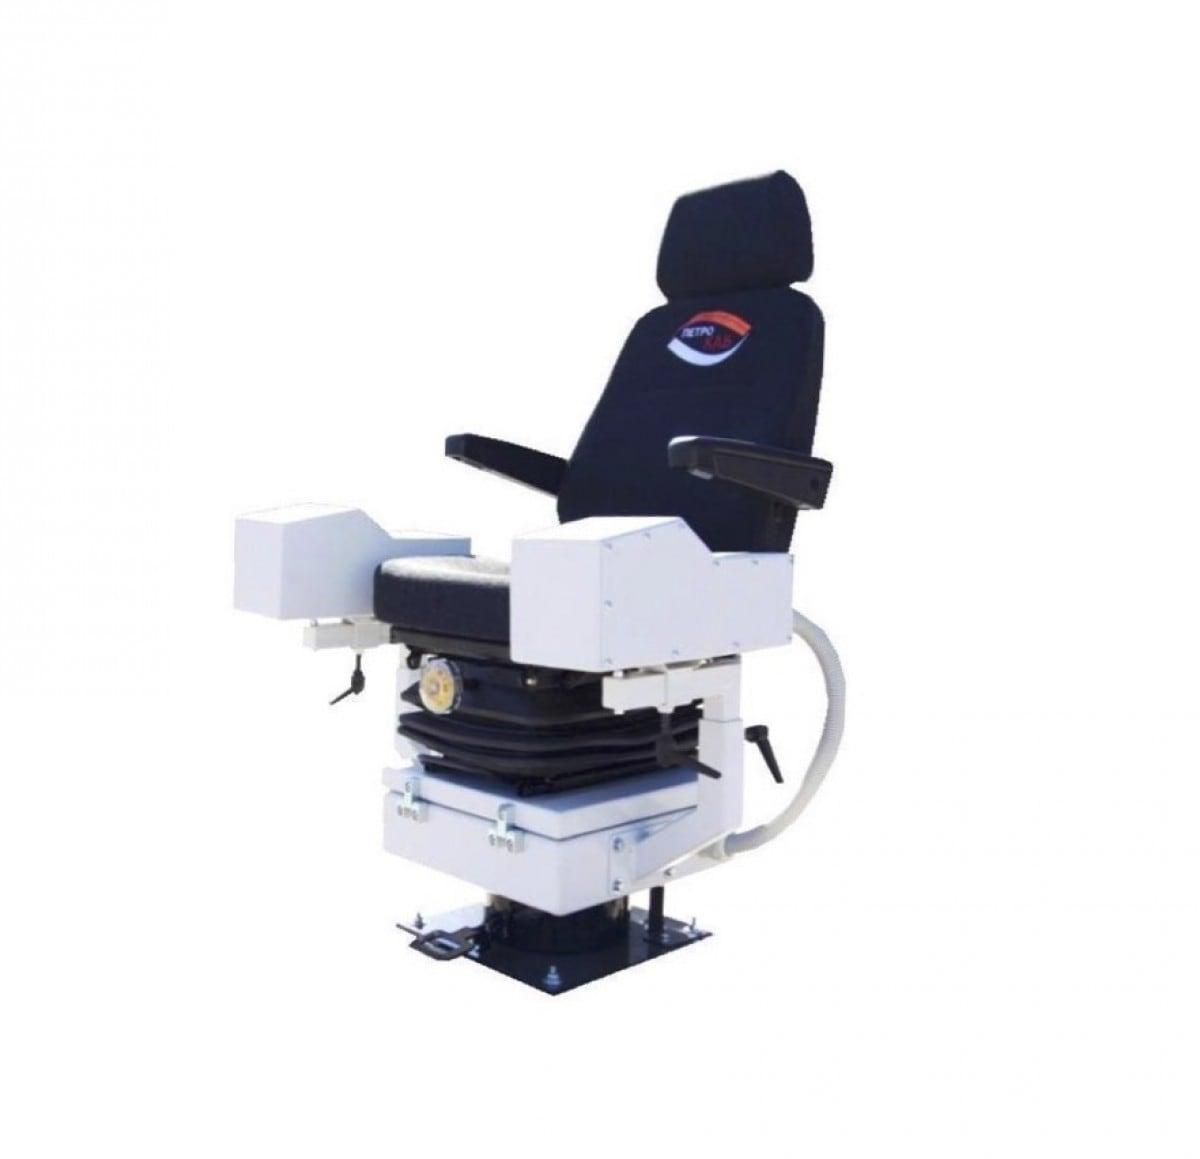 Petrokab stoel, model Compact